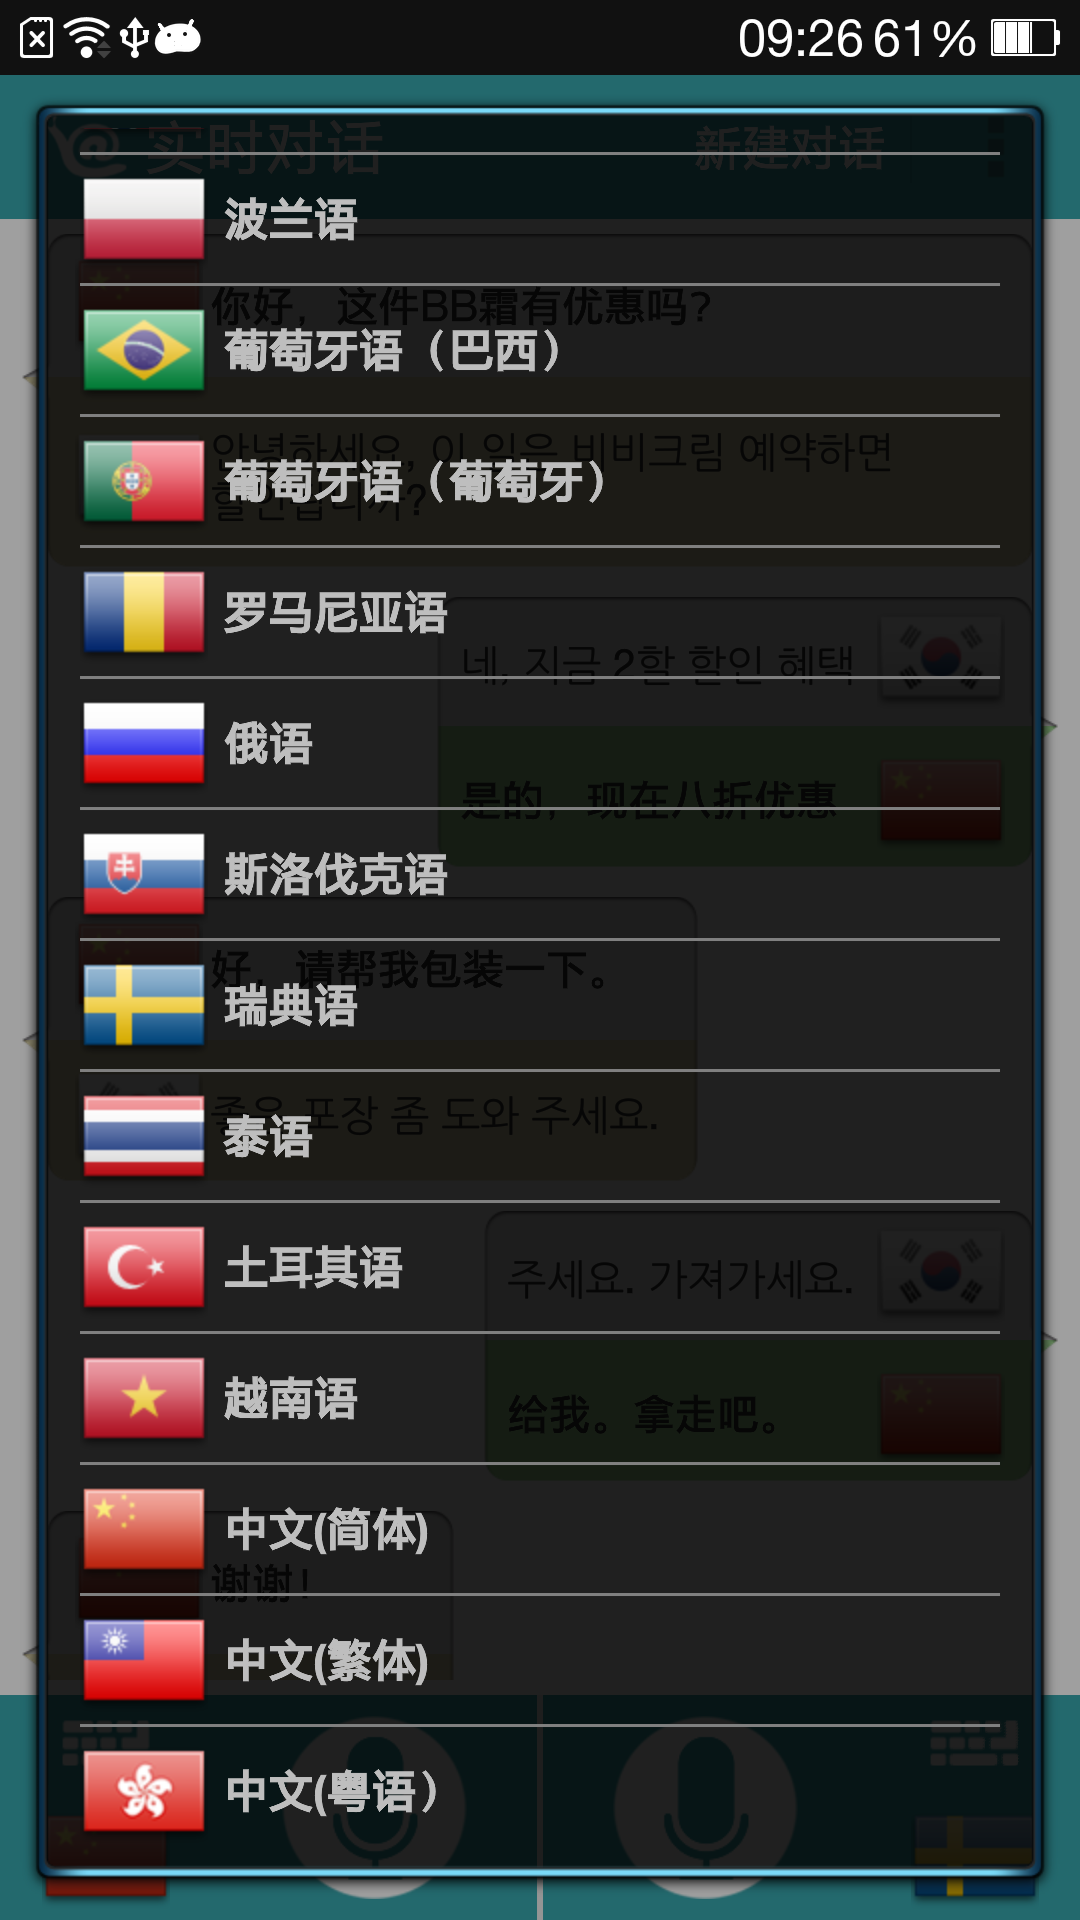 对话翻译 V1.4.3 安卓版截图2